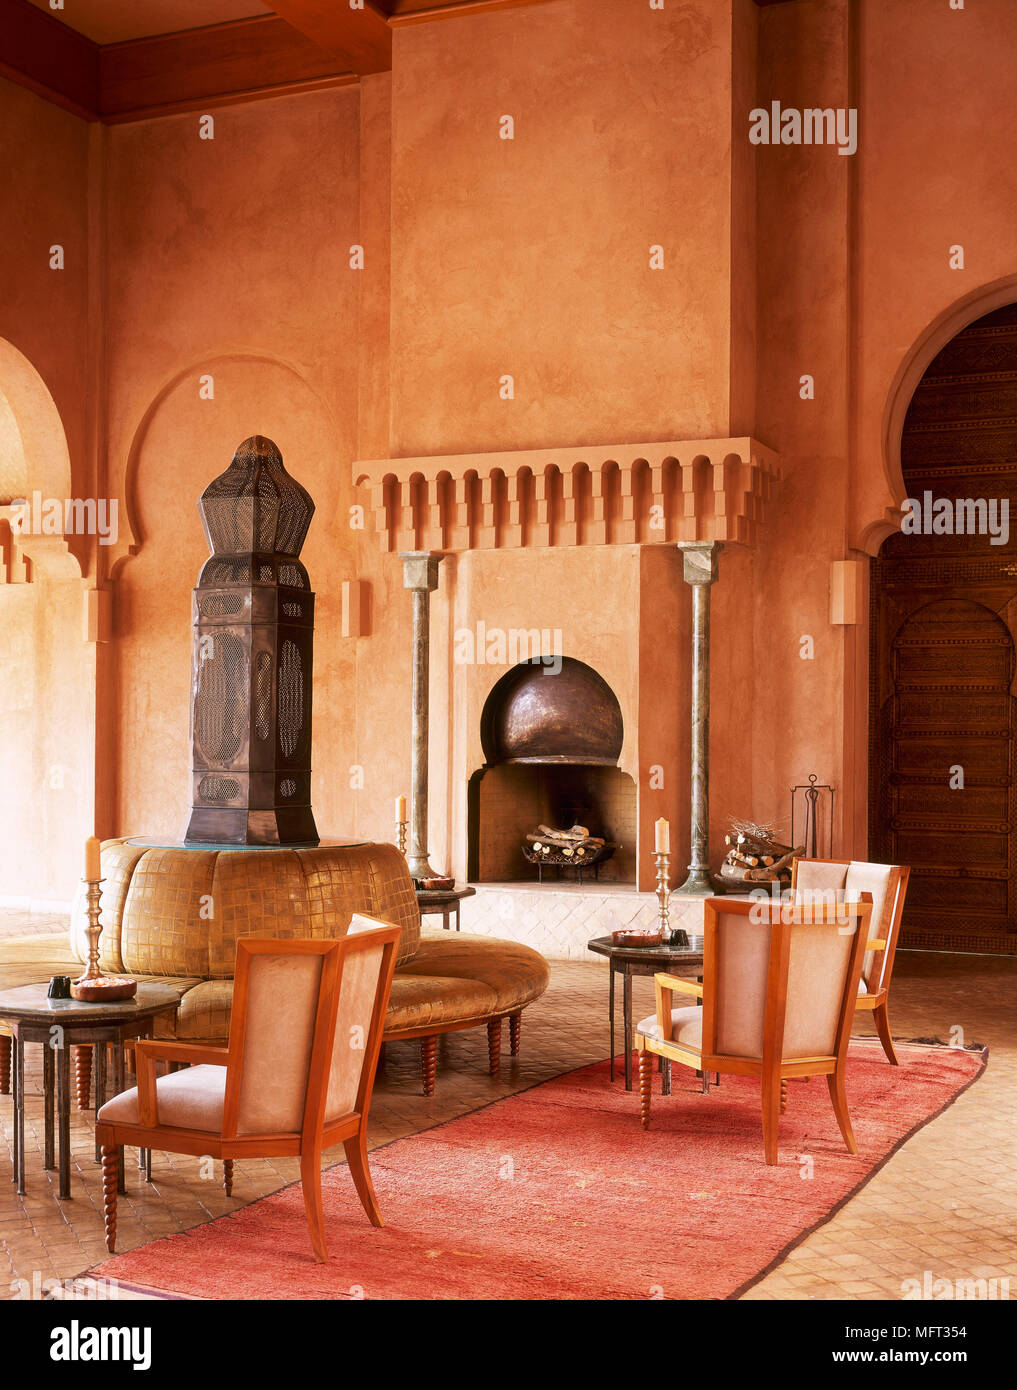 marokkanische terrakotta wohnzimmer kamin, sitzecke gepolsterte